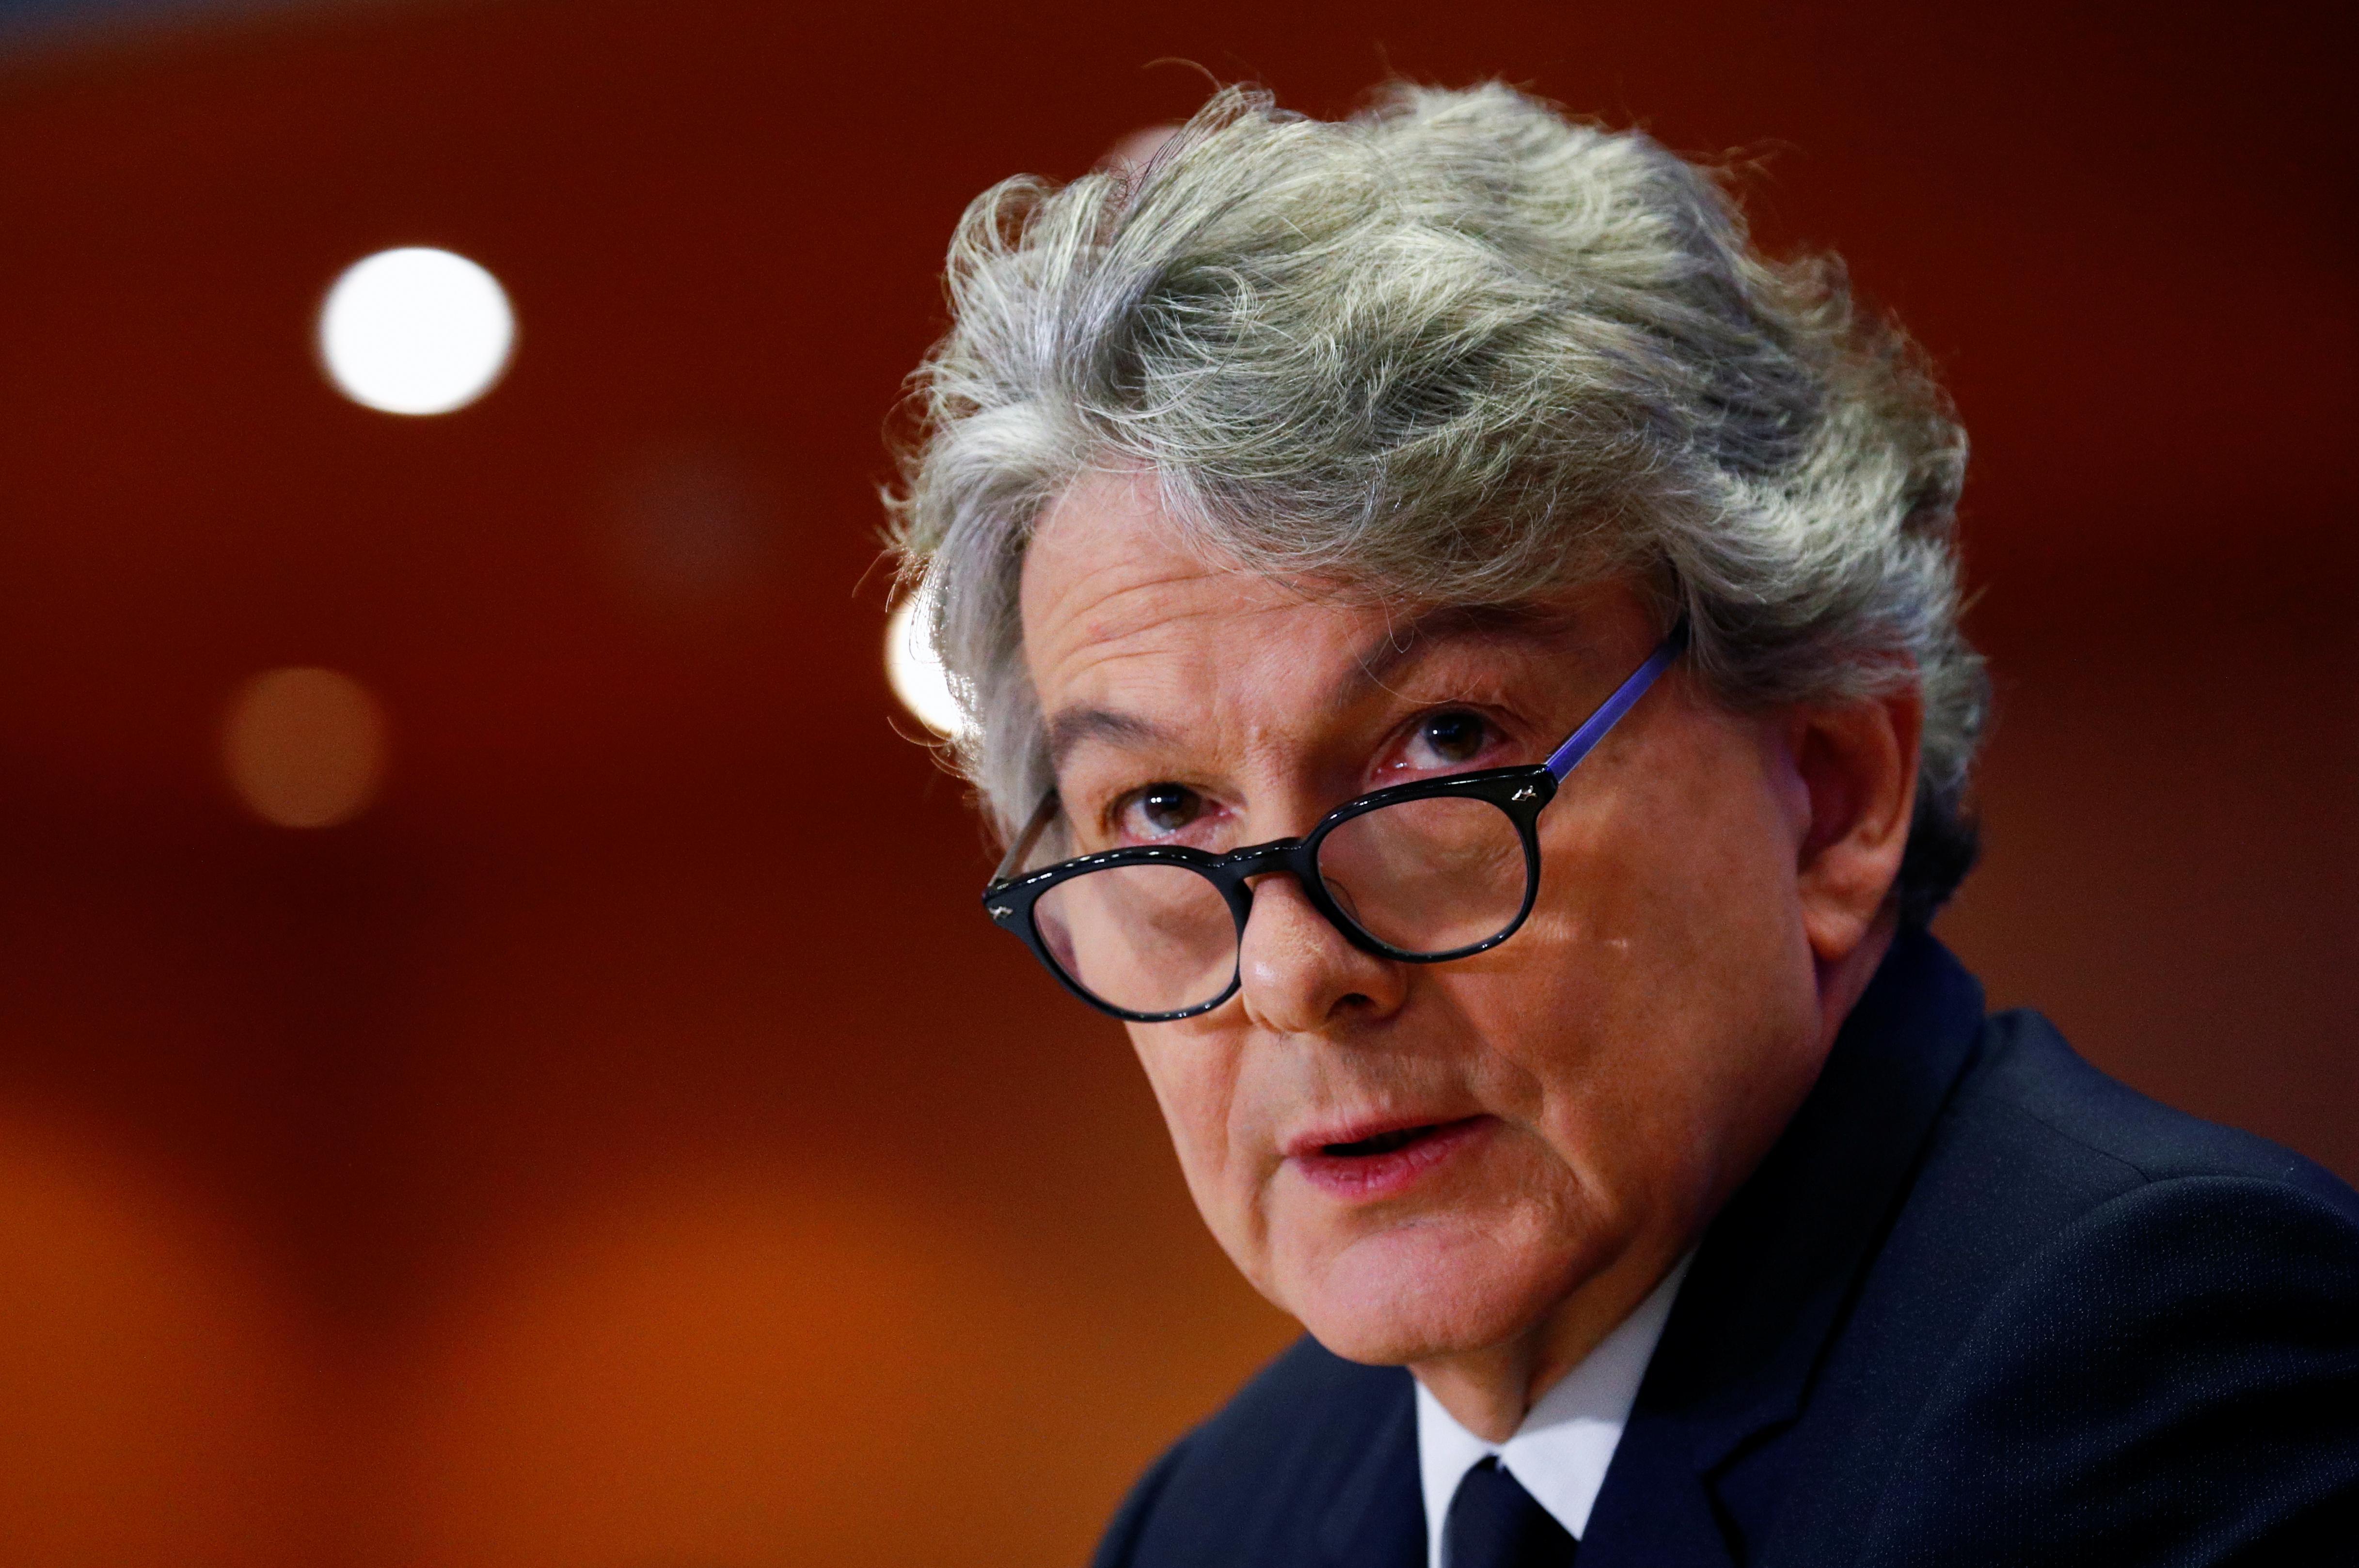 Exclusif: le chef de l'industrie de l'UE rejette les craintes que des règles de sécurité strictes ne retardent la 5G